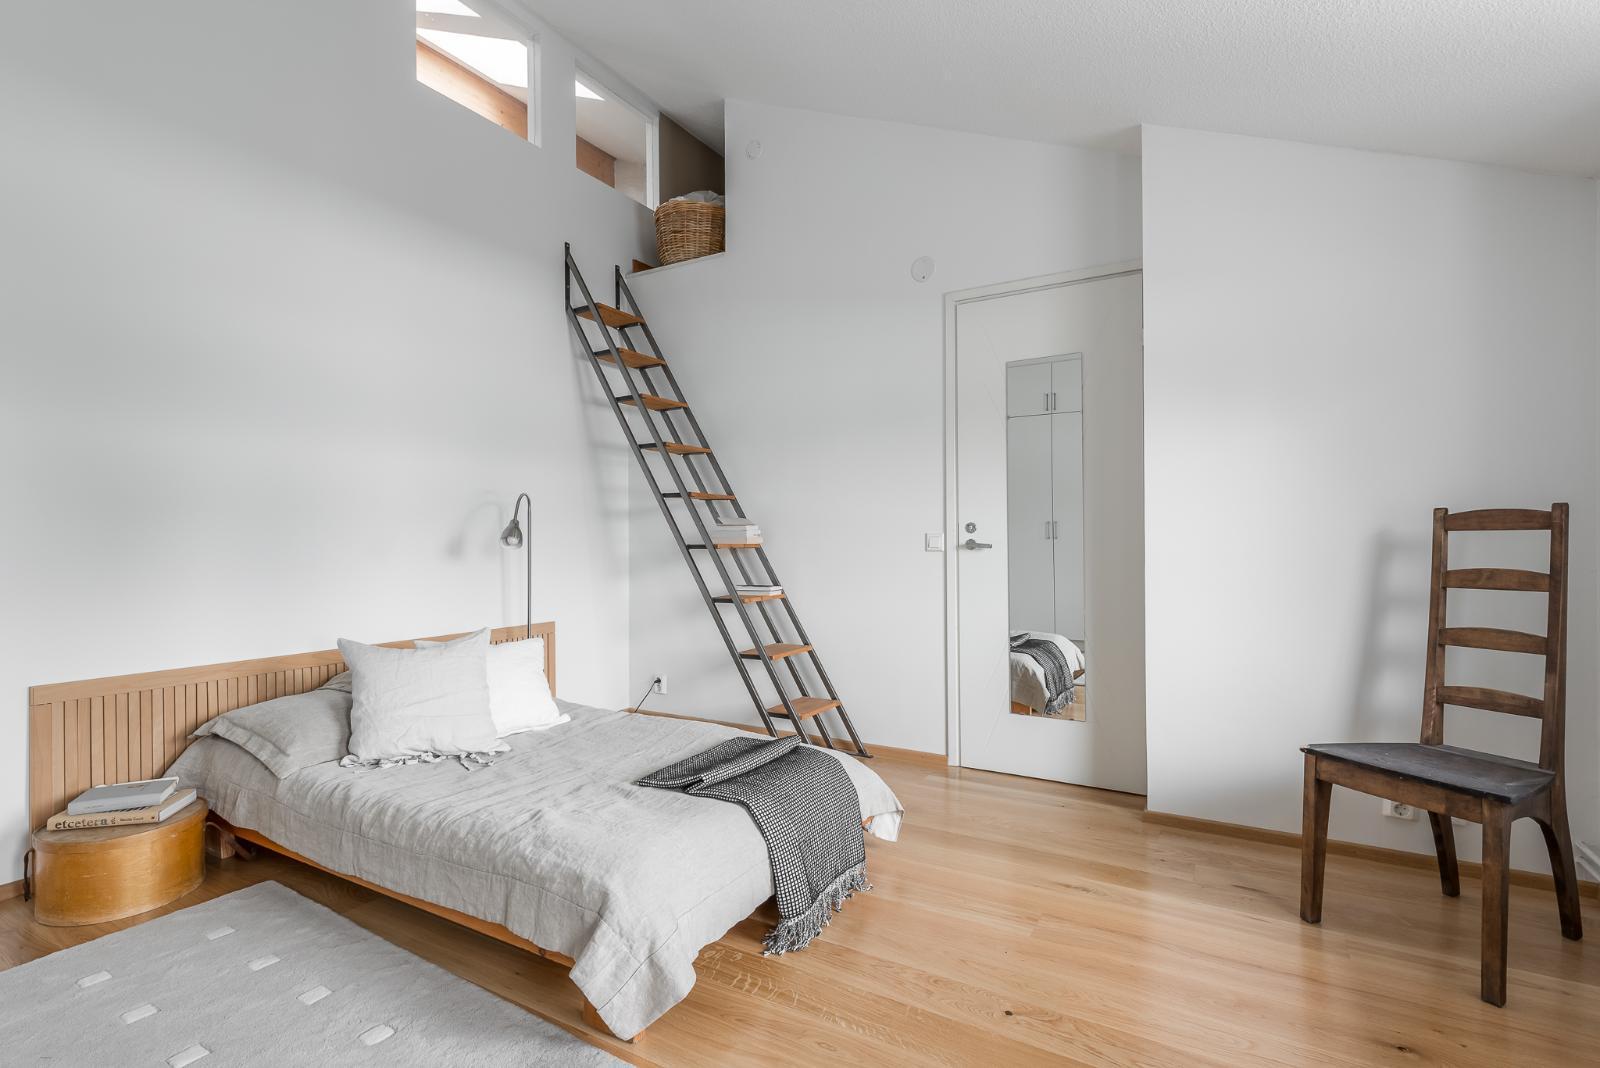 Tämä onkin hyvä tapa saada lisää levollisuuden tuntua makuuhuoneeseen.  Tämän makuuhuoneen löydät tästä kodista. 226ee6b82b